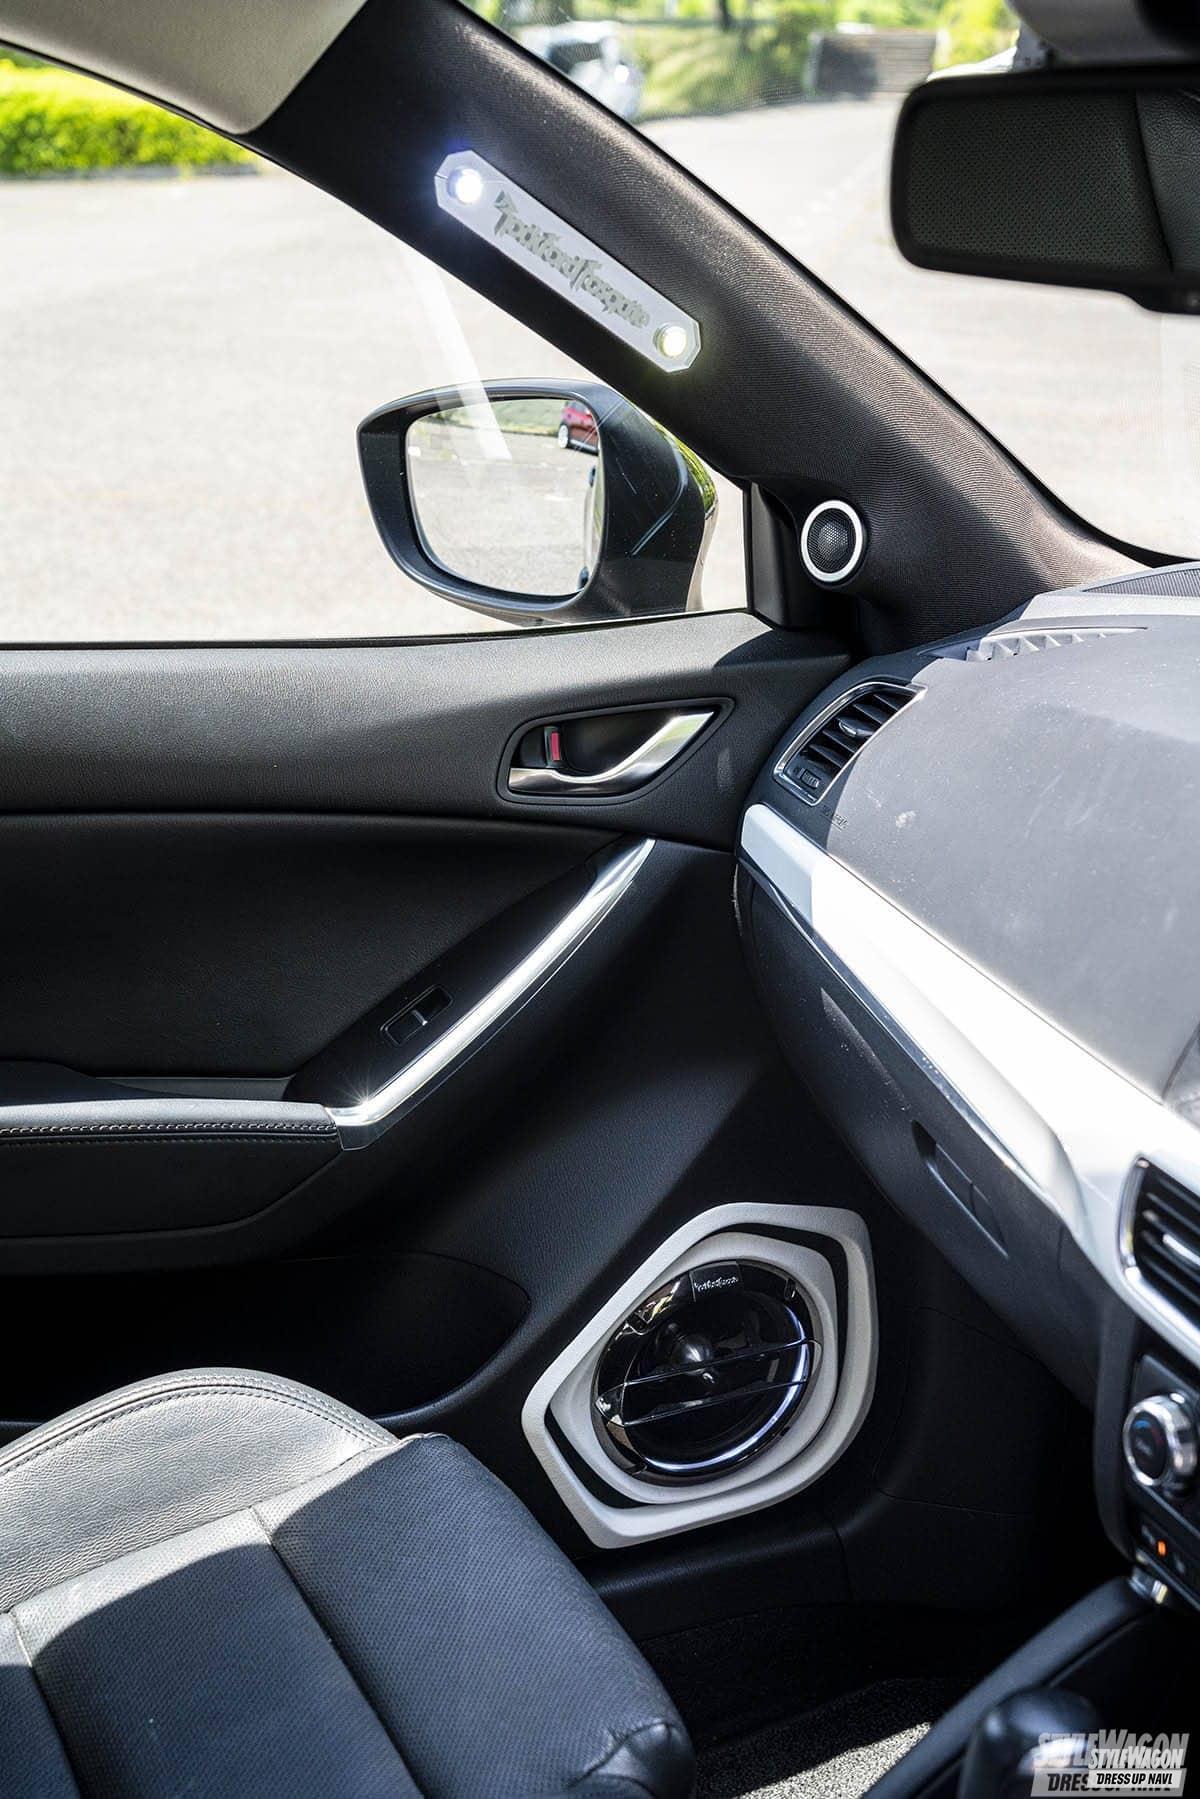 「【車高短系SUV_VOL1】エアサス派のCX-3と車高調派のCX-5 クーペのようなローフォルムが渋い!」の15枚目の画像